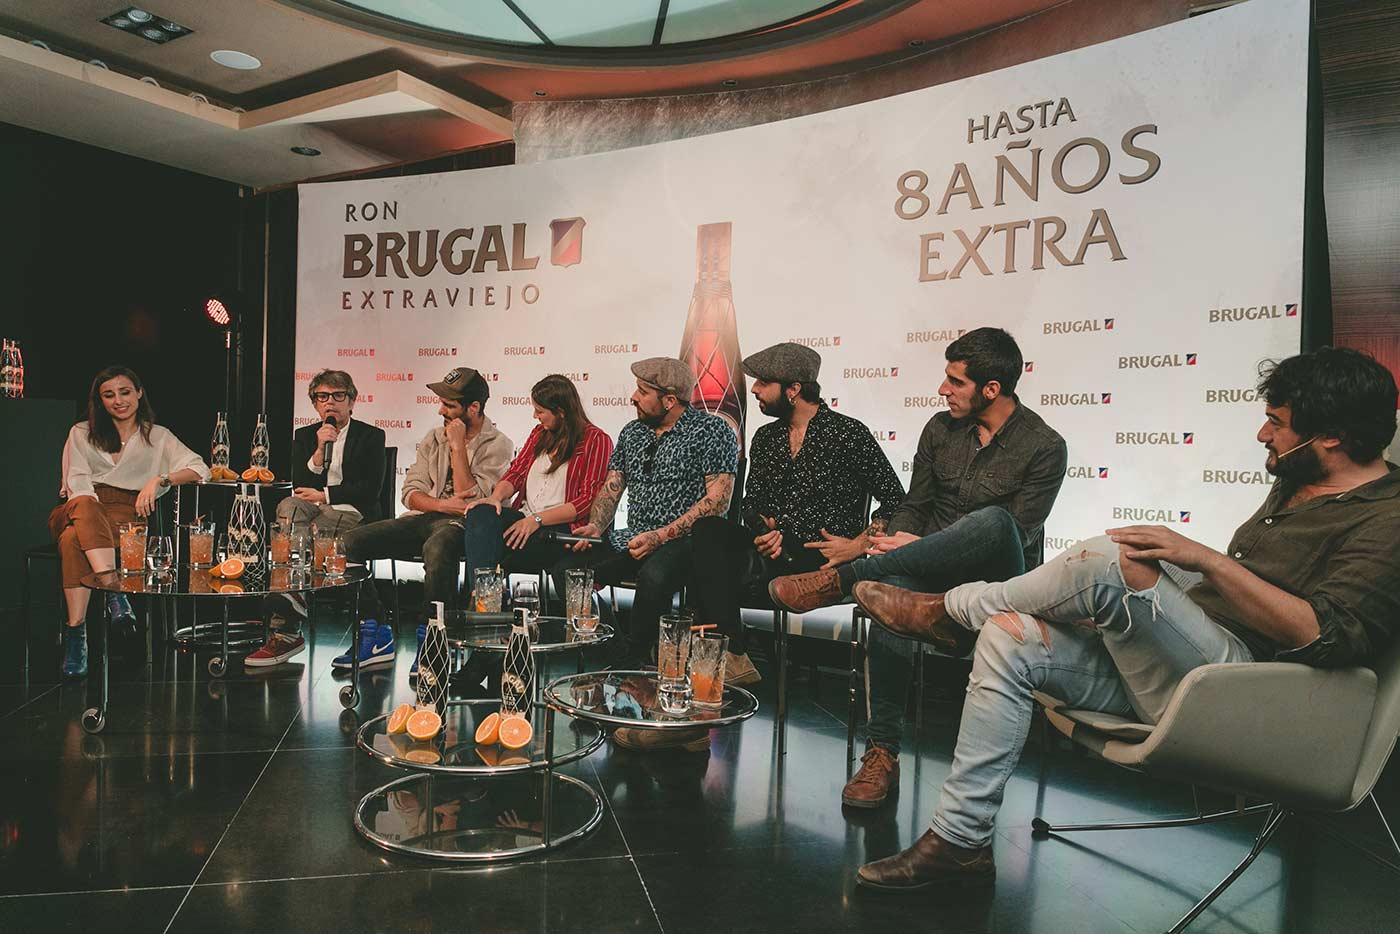 Presentación de los Conciertos Brugal Extraviejo en el Hotel Urban de Madrid